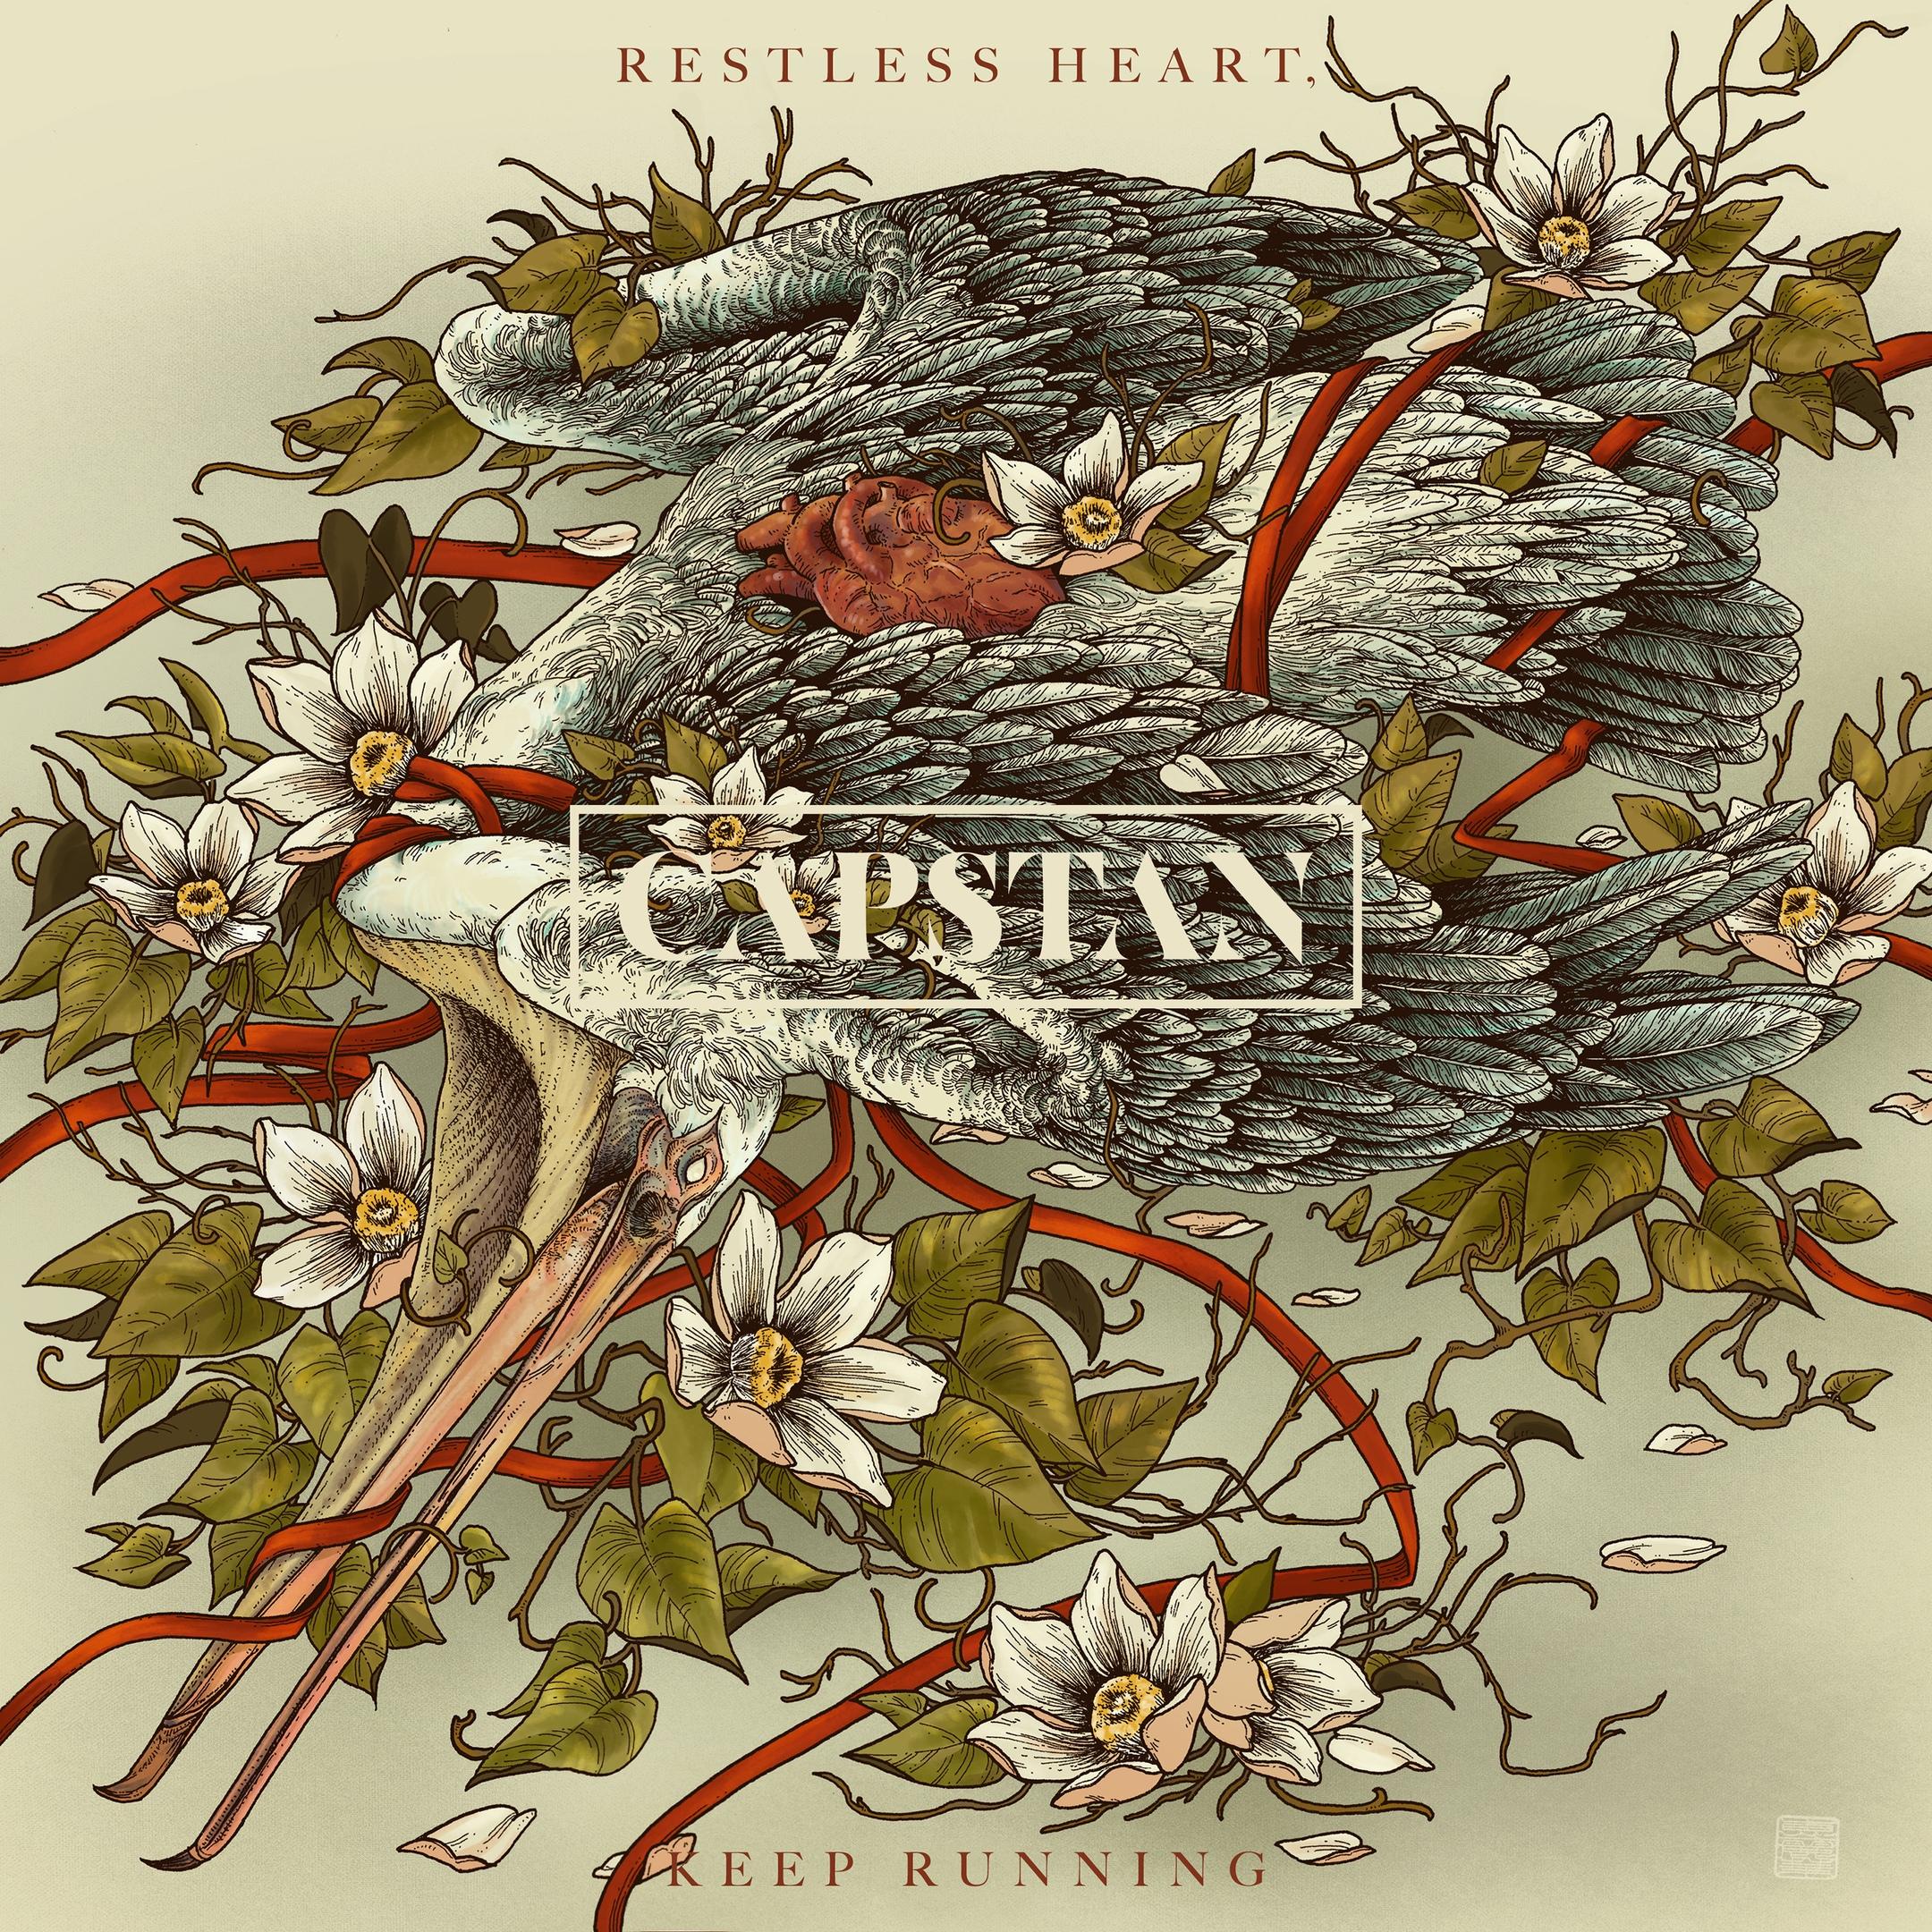 Capstan - Restless Heart, Keep Running (2019)